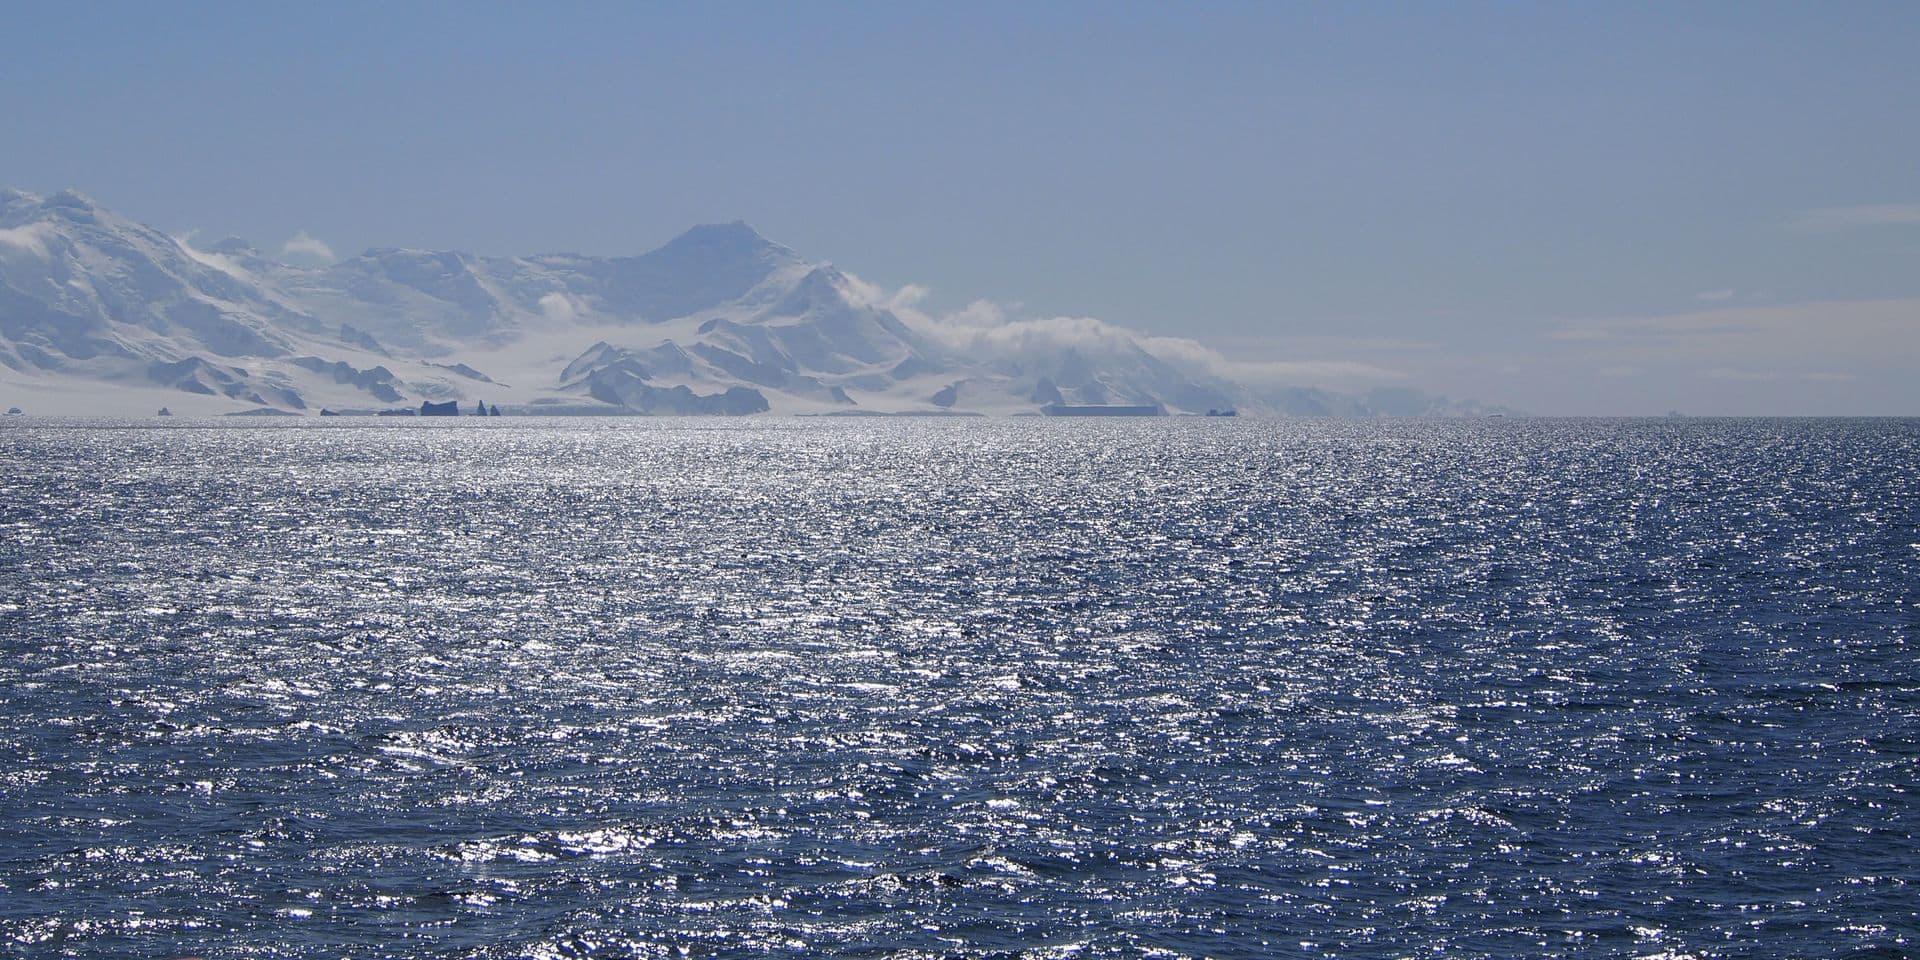 Un cinquième océan reconnu officiellement pour la première fois